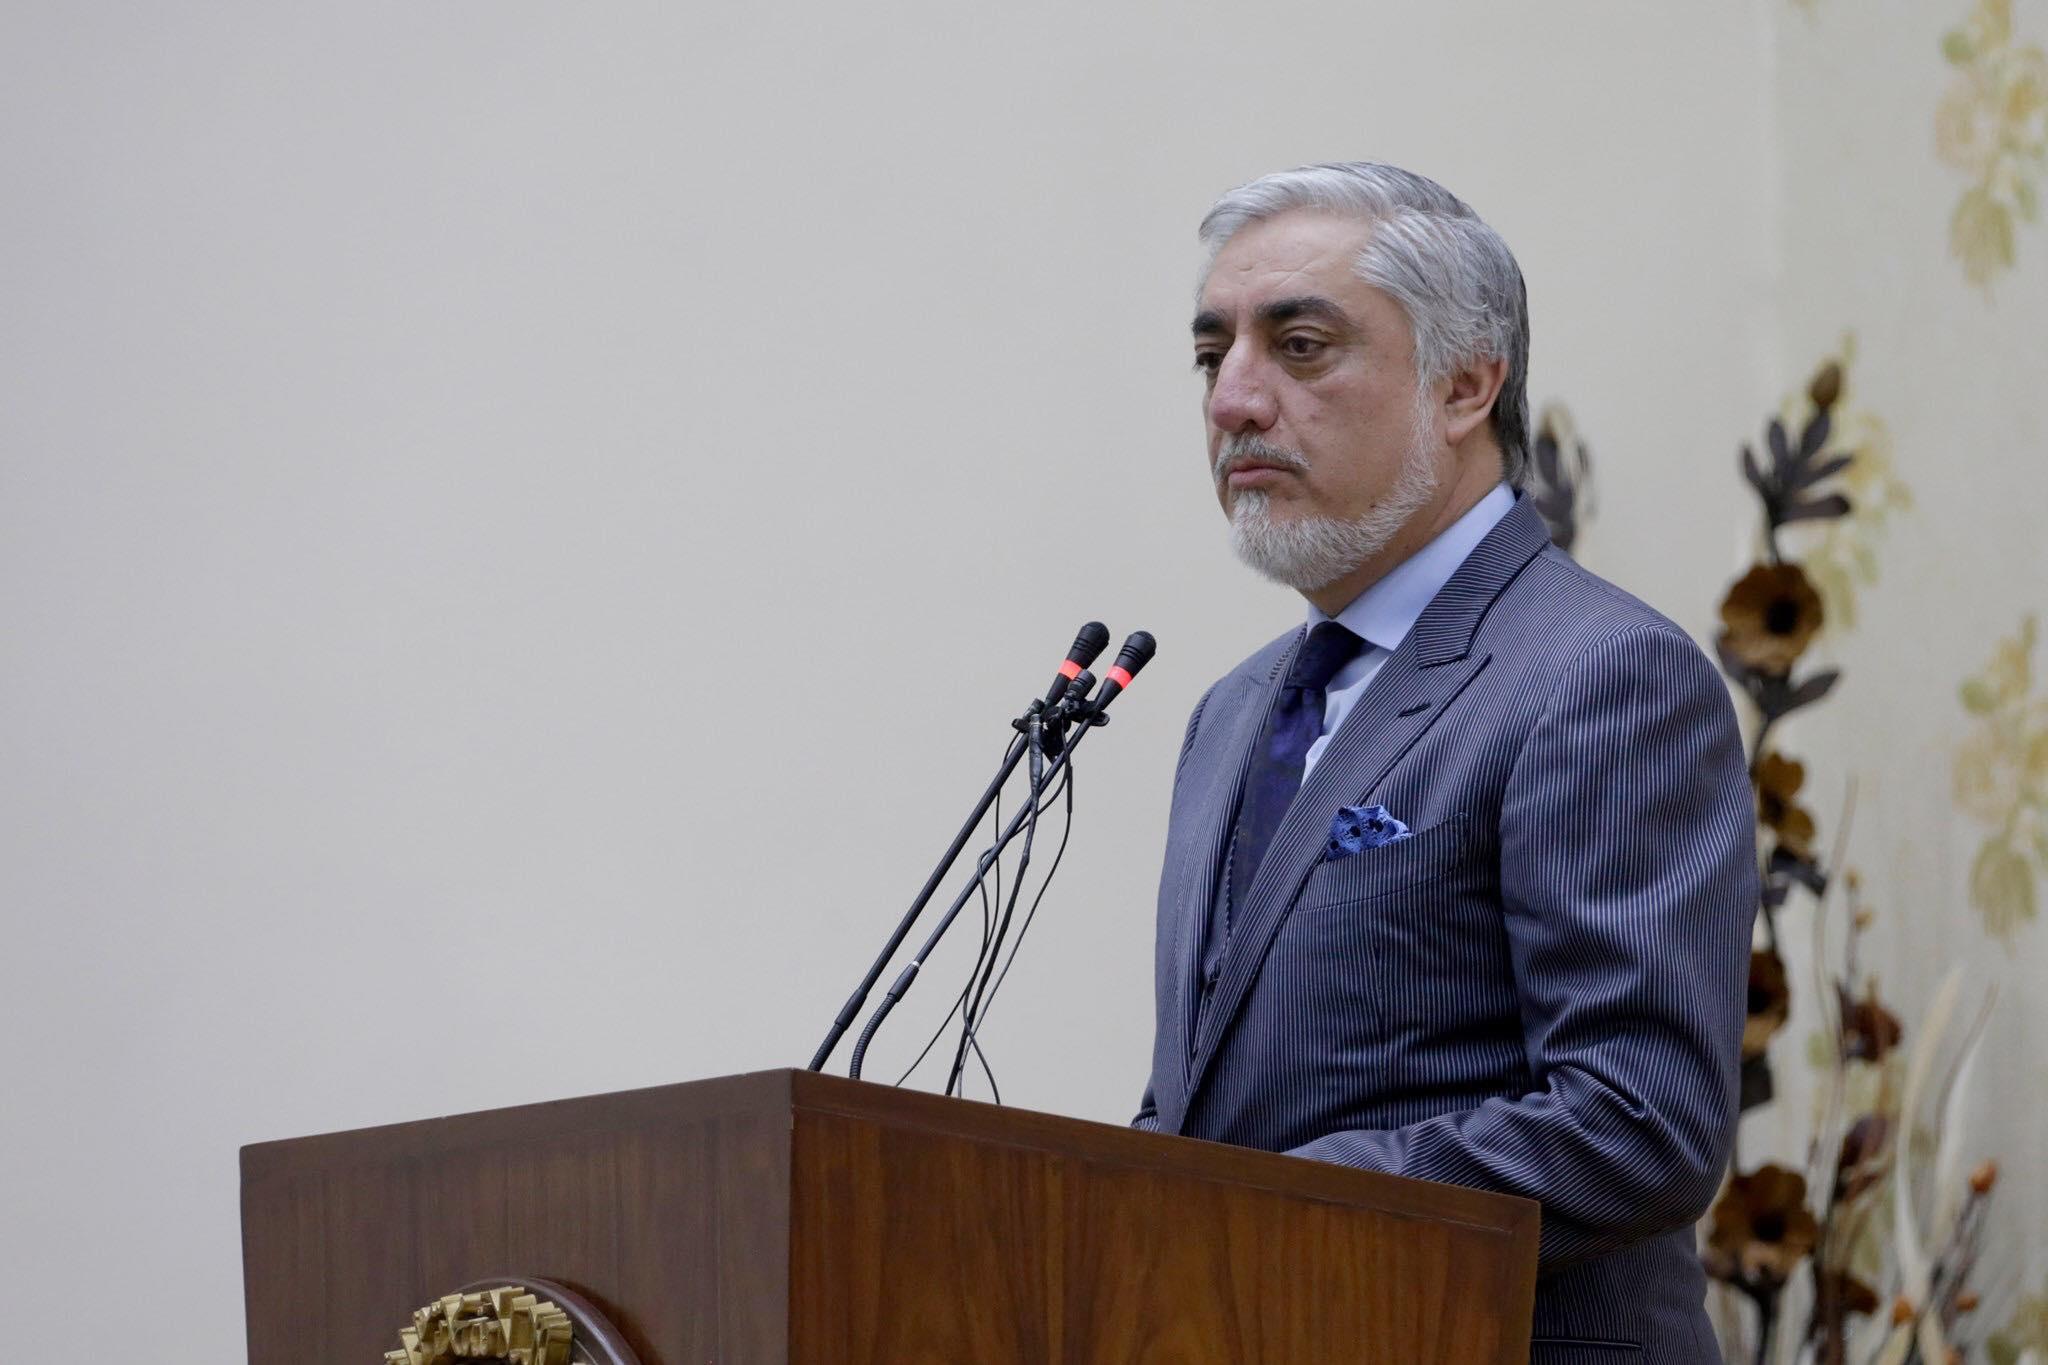 سخنرانی دکتور عبدالله عبدالله رئیس اجرائیه ج.ا.ا درمراسم بزرگداشت از روز جهانی پناهنده